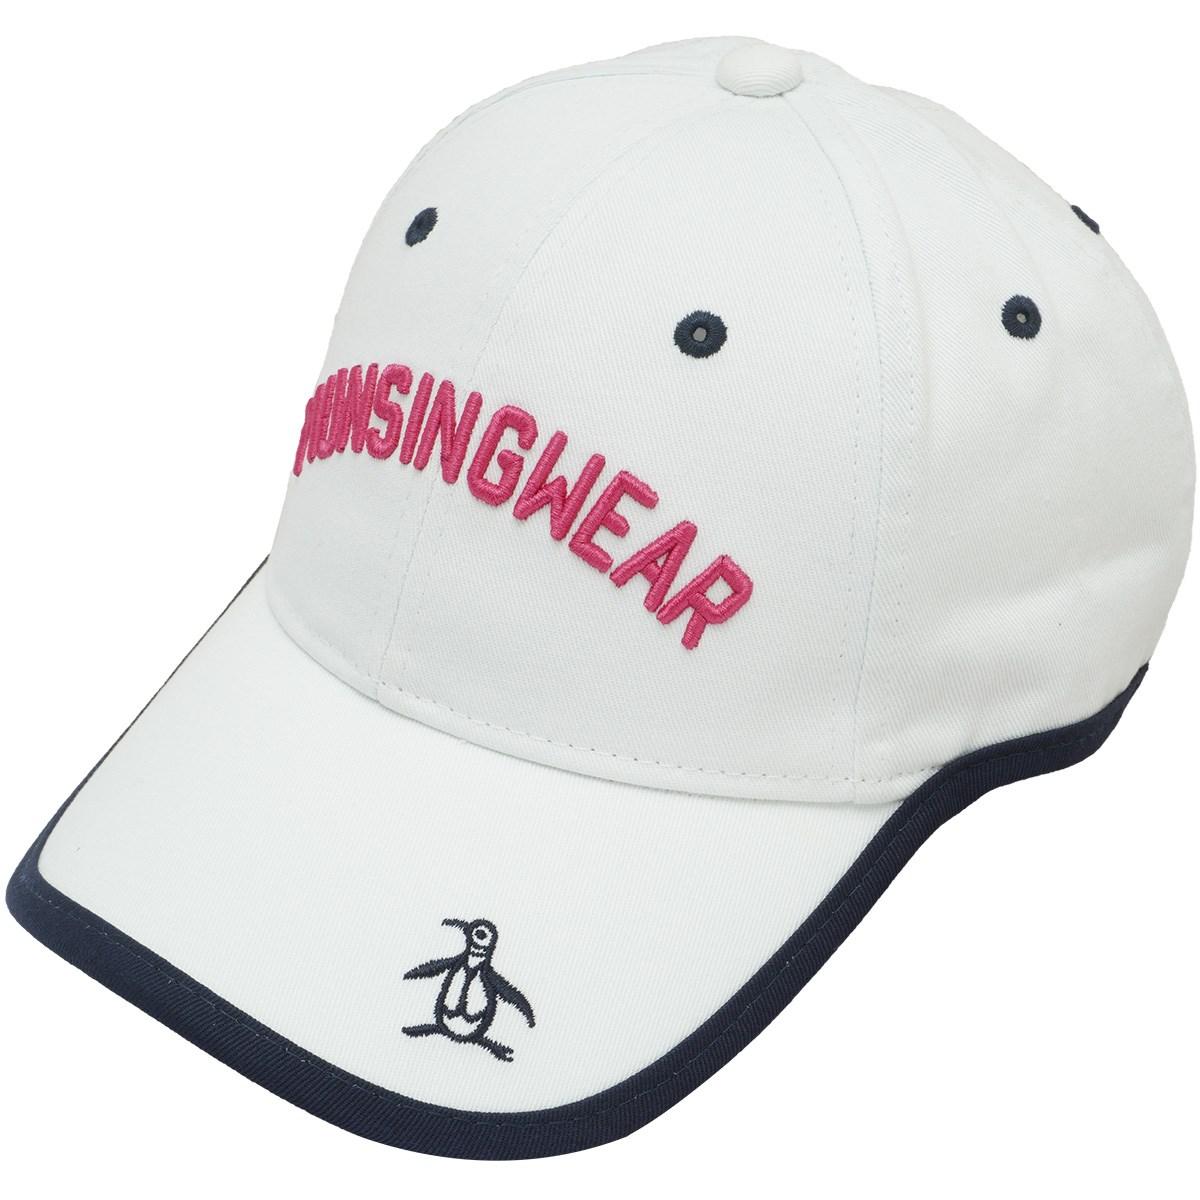 マンシングウェア Munsingwear ウェーブカットキャップ フリー ホワイト 00 レディス